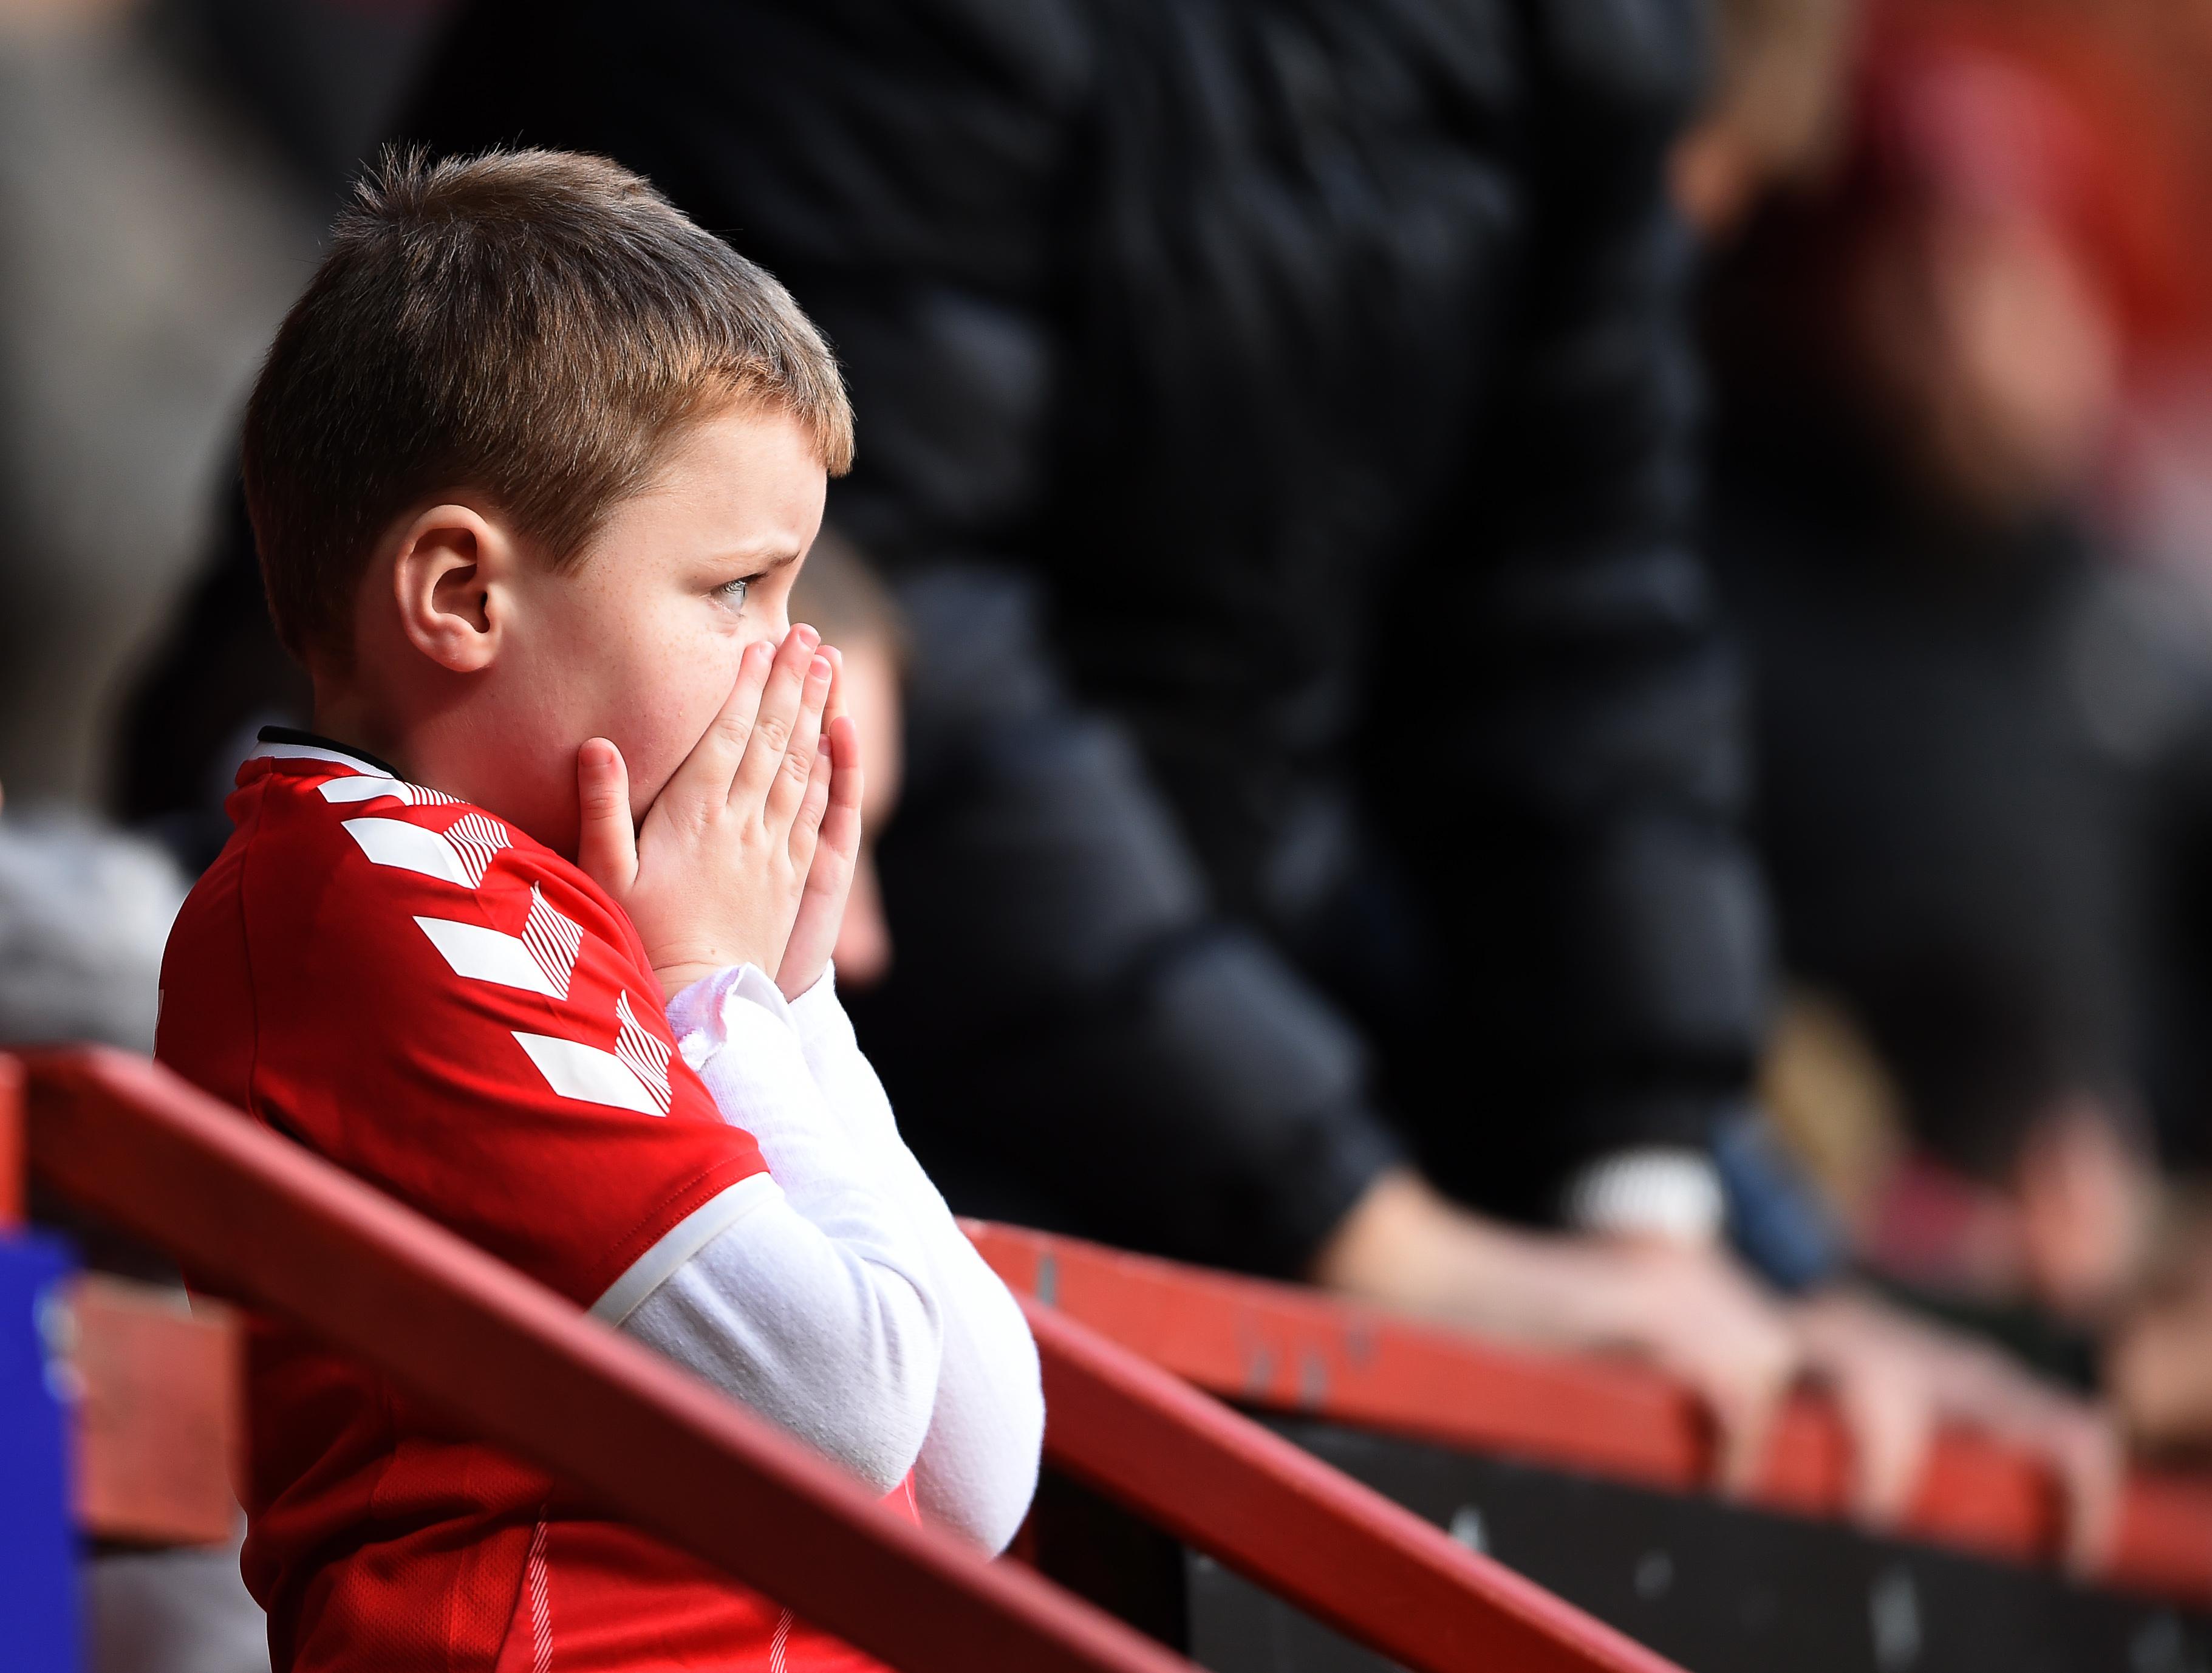 Charlton Athletic v Sheffield Wednesday - Sky Bet Championship - The Valley